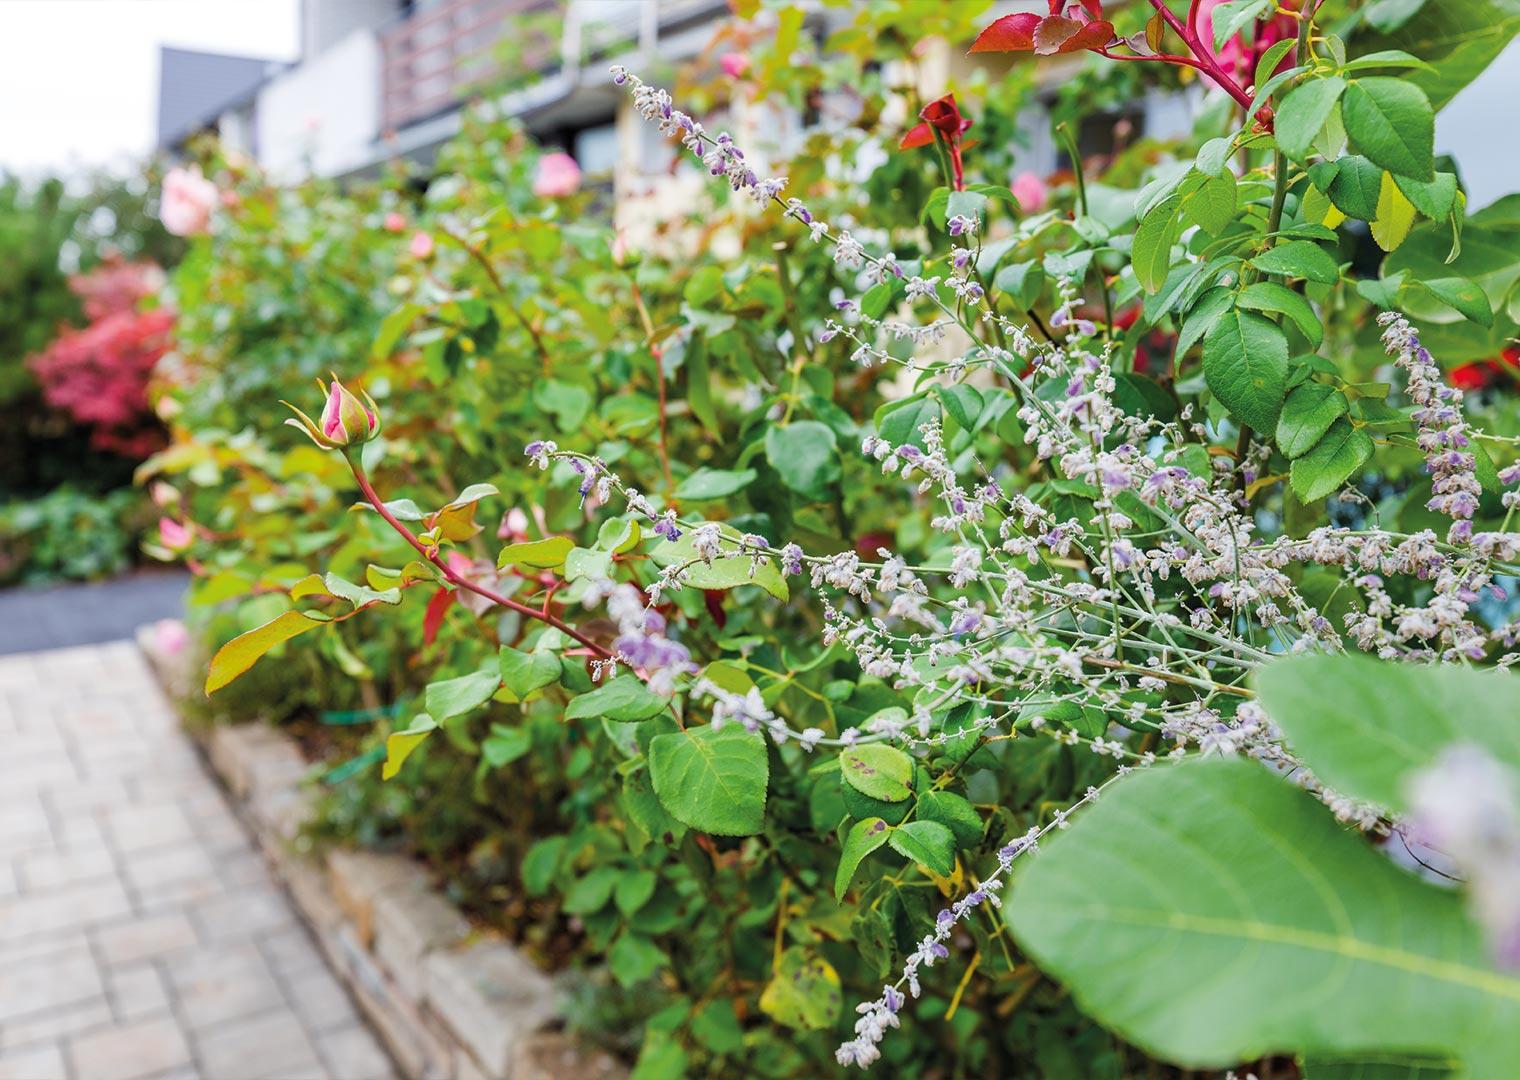 Link zur Bilddatei: menke_galabau_bochum_galeriebild_gartenpflege_vegetationsarbeiten_bepflanzung